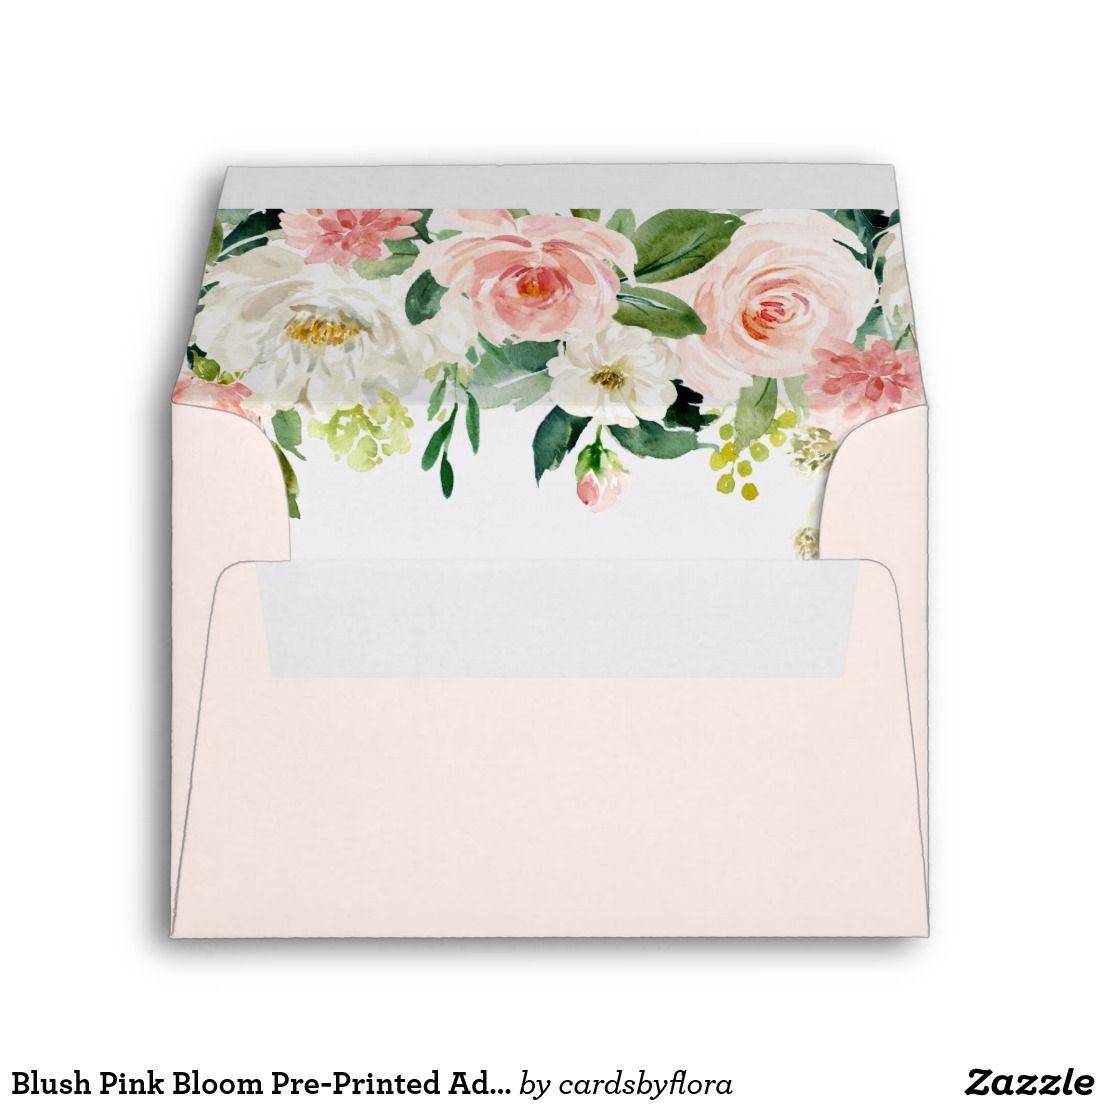 Blush pink bloom preprinted address rsvp envelope